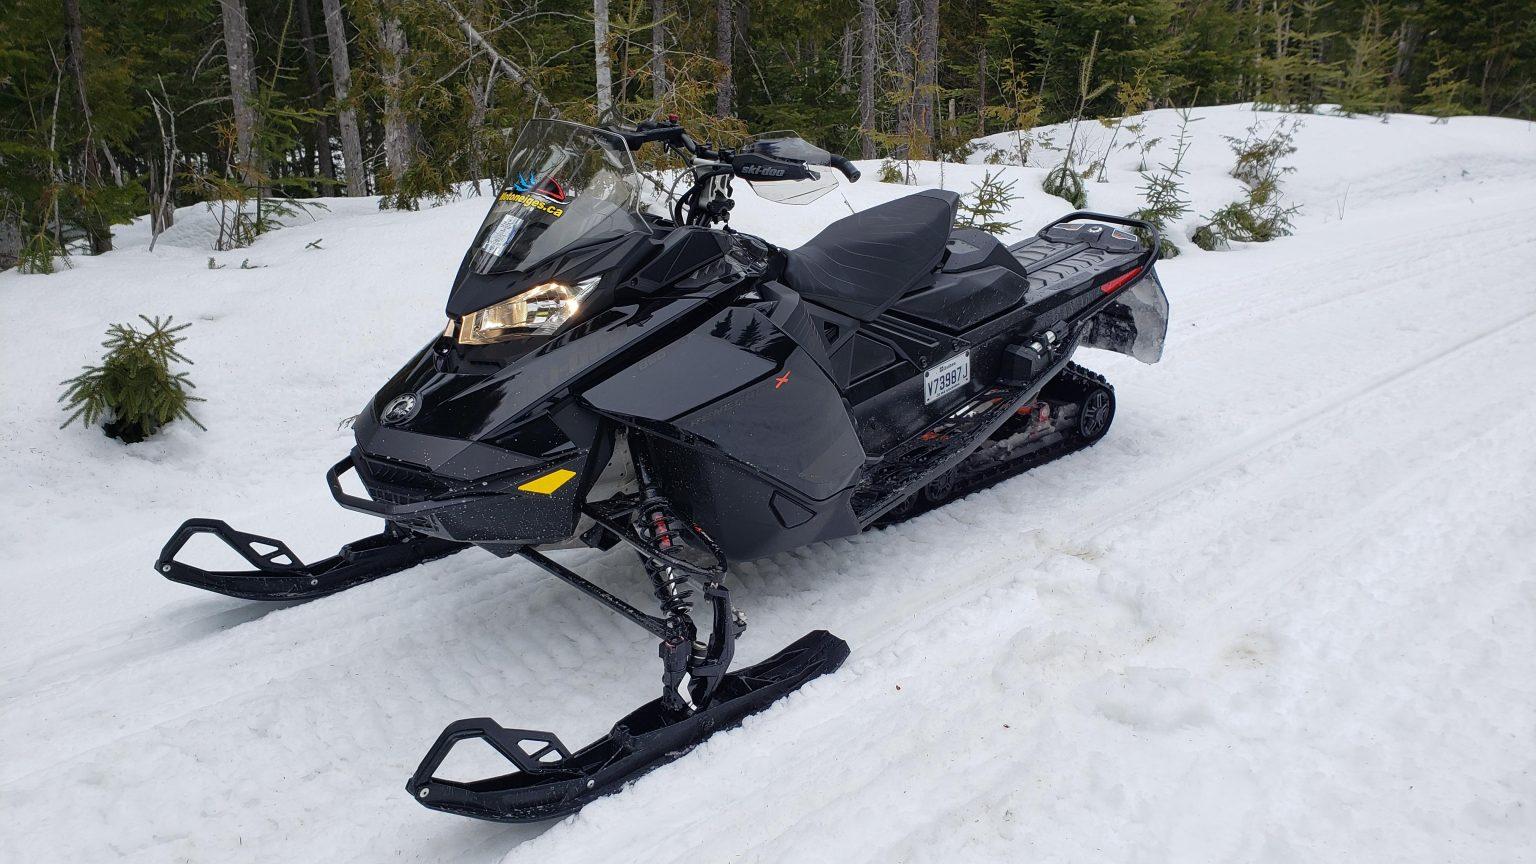 Essai printanier du Ski-Doo Renegade X 850 2021 au Québec